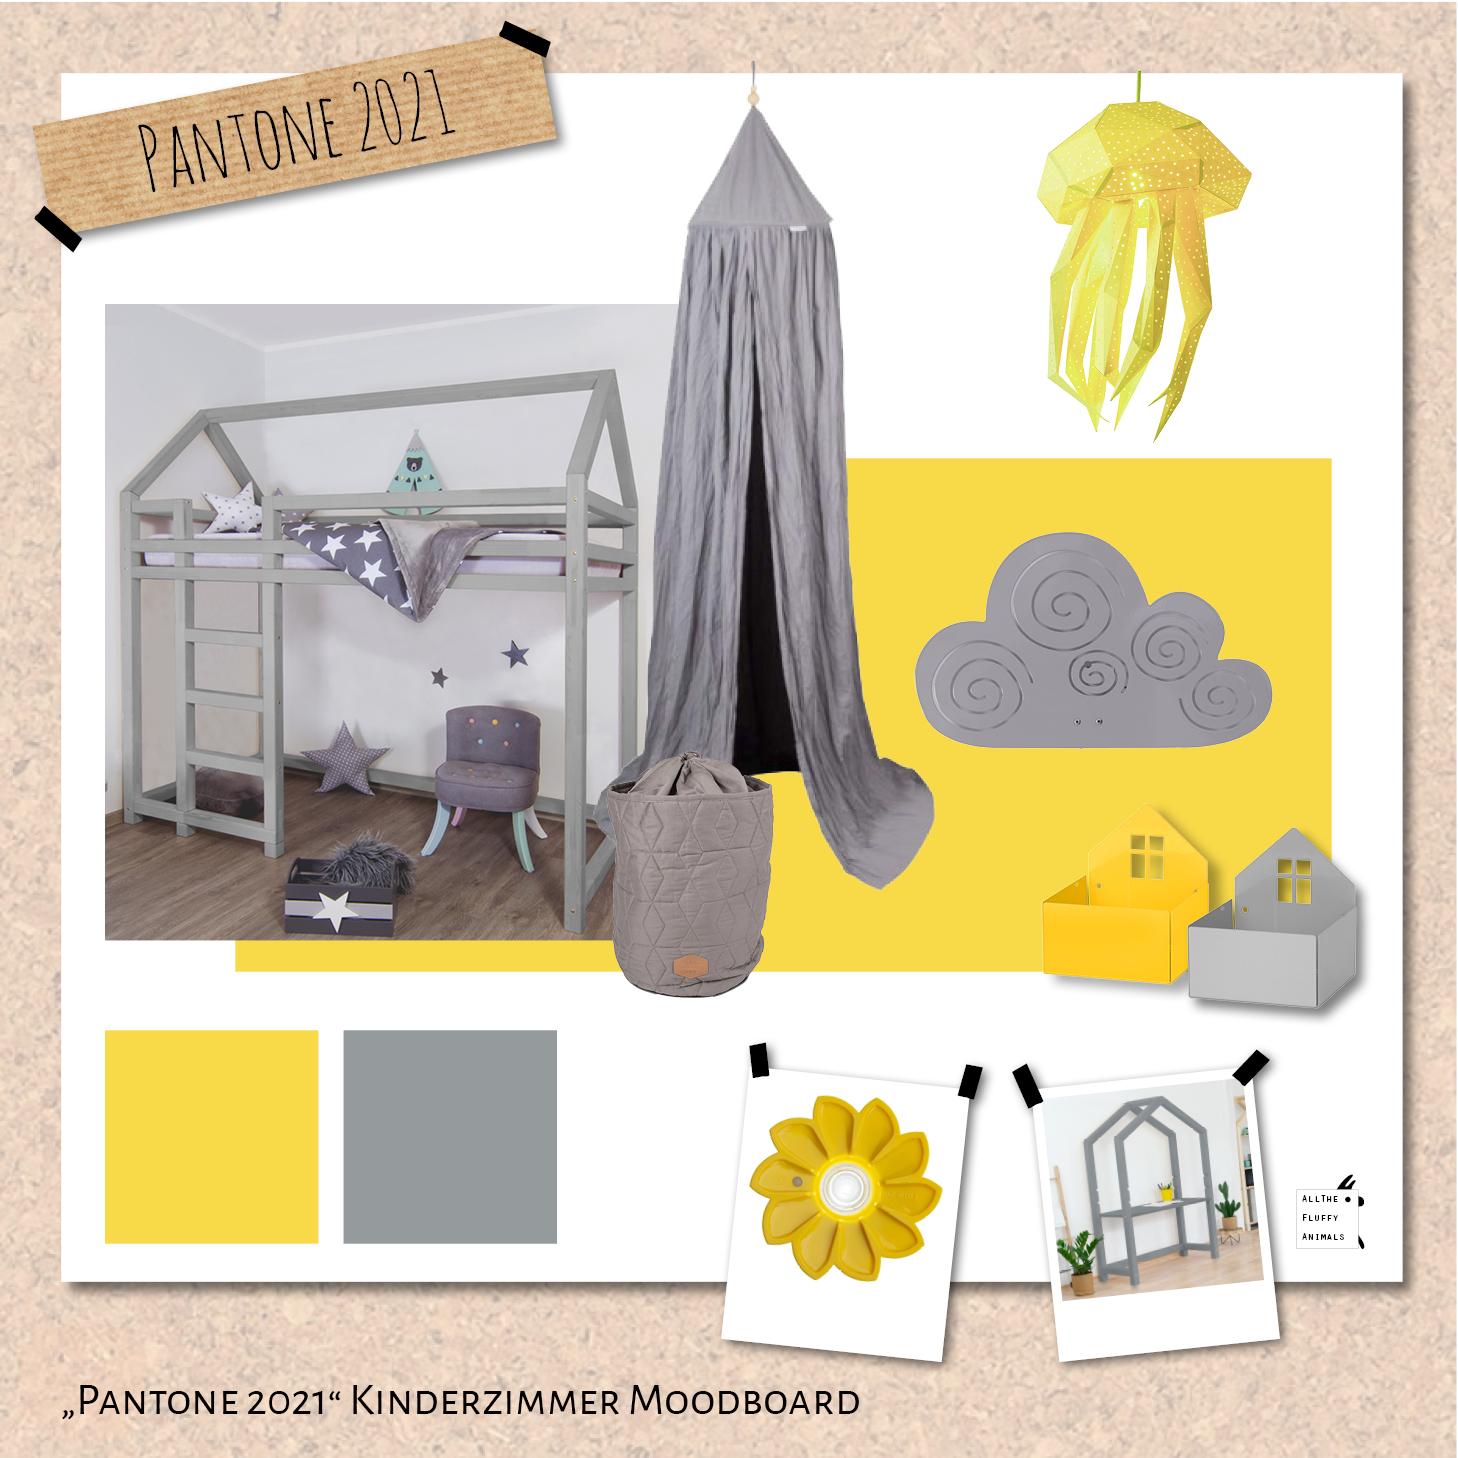 Grau-Gelb - die Pantone-Farbkombination 2021